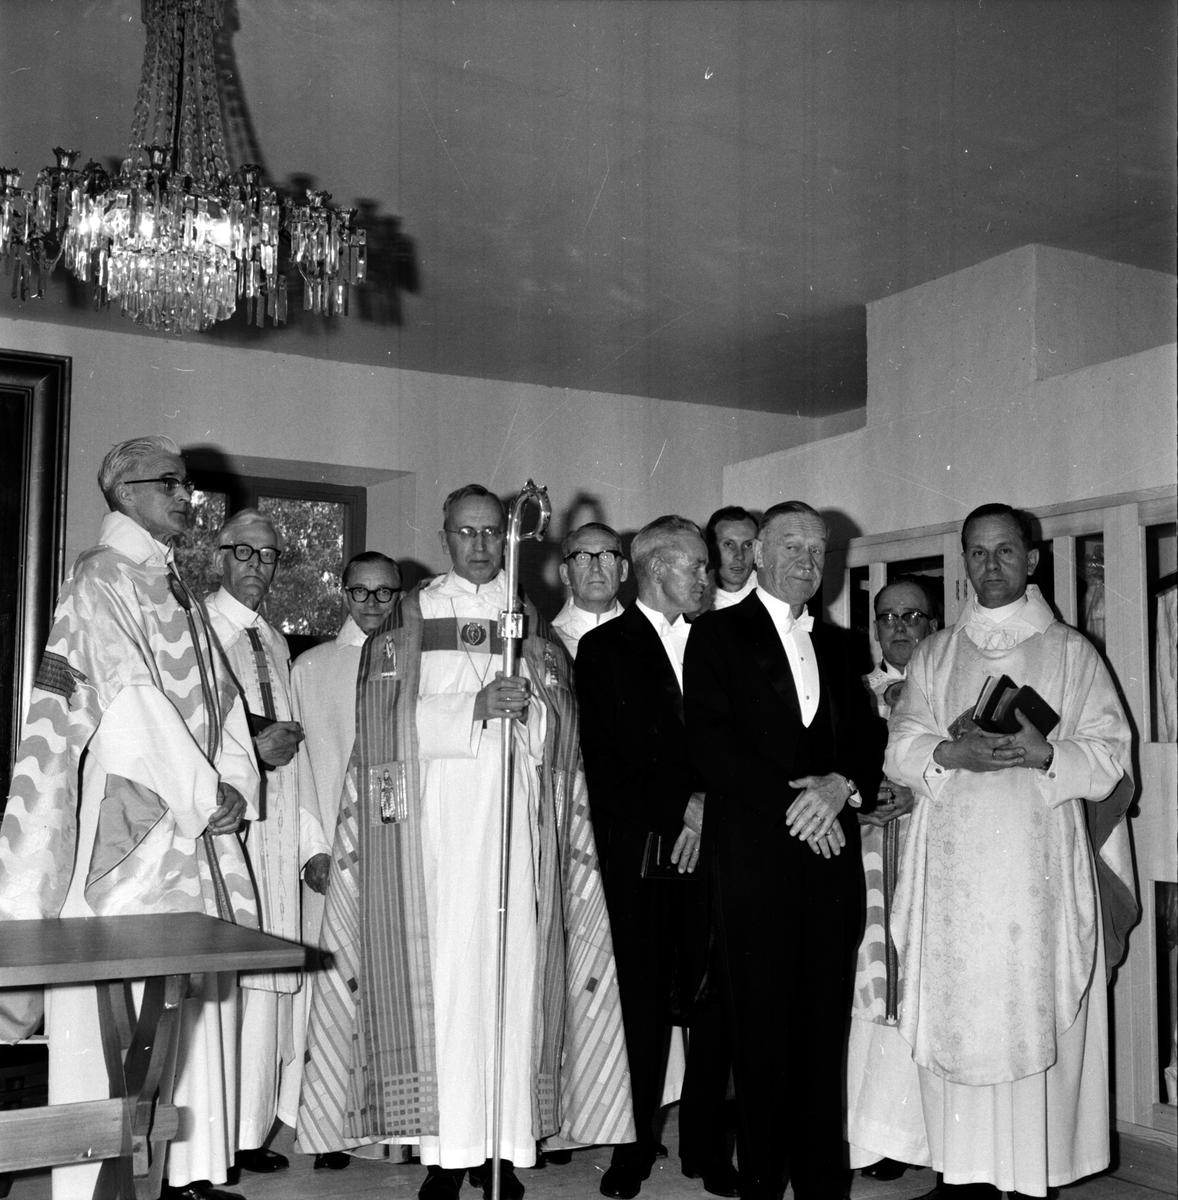 Ovanåker, Återinvigning av kyrkan, 26 Juni 1965